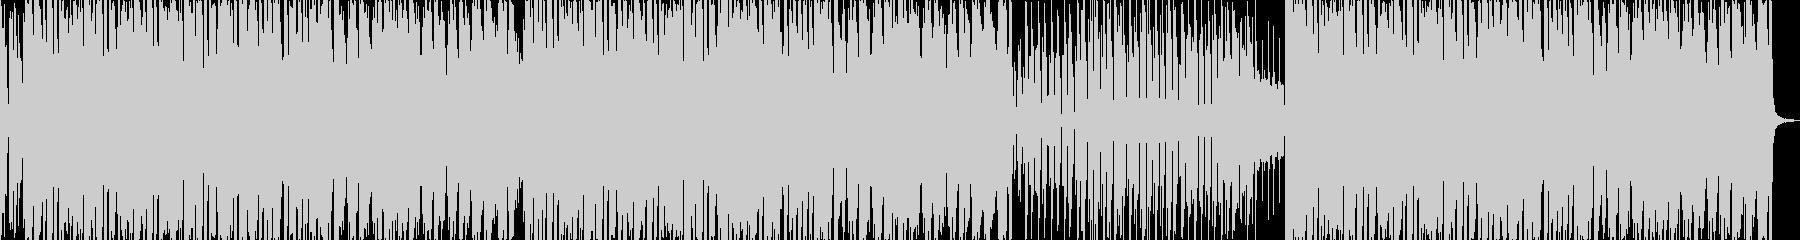 パチンコにありそうな明るいBGM.wavの未再生の波形